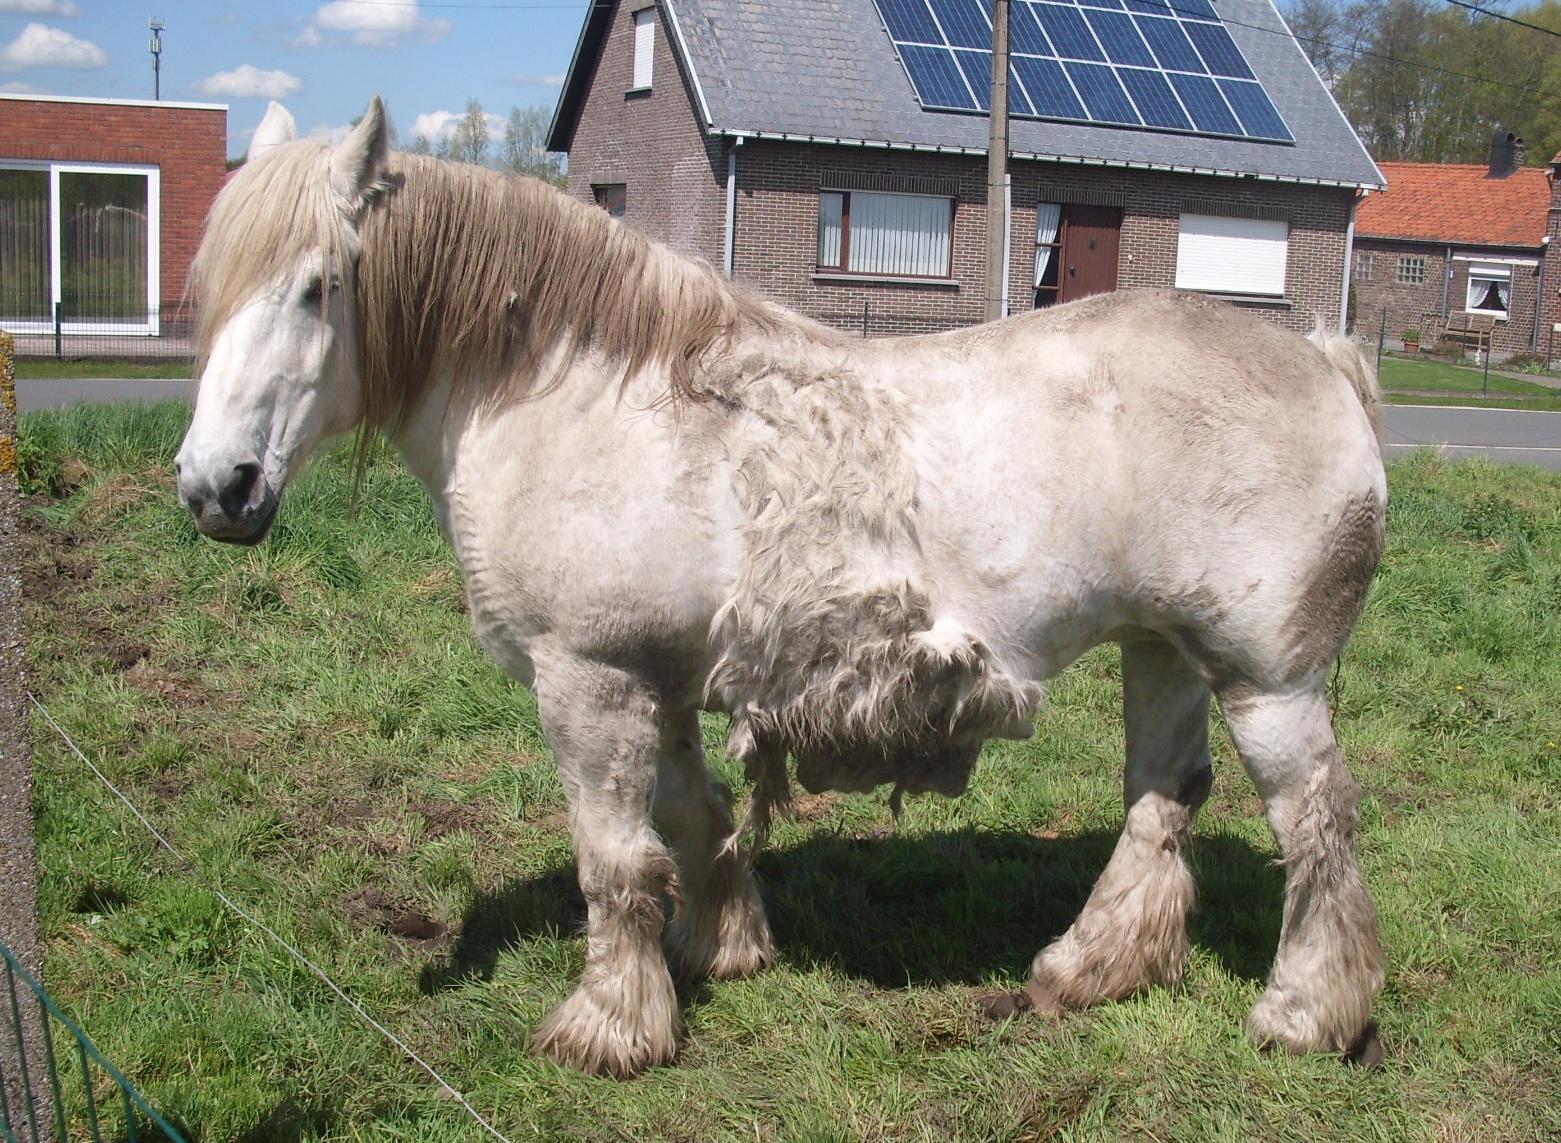 Bestand Paard Verliest Wintervacht Jpg Wikipedia